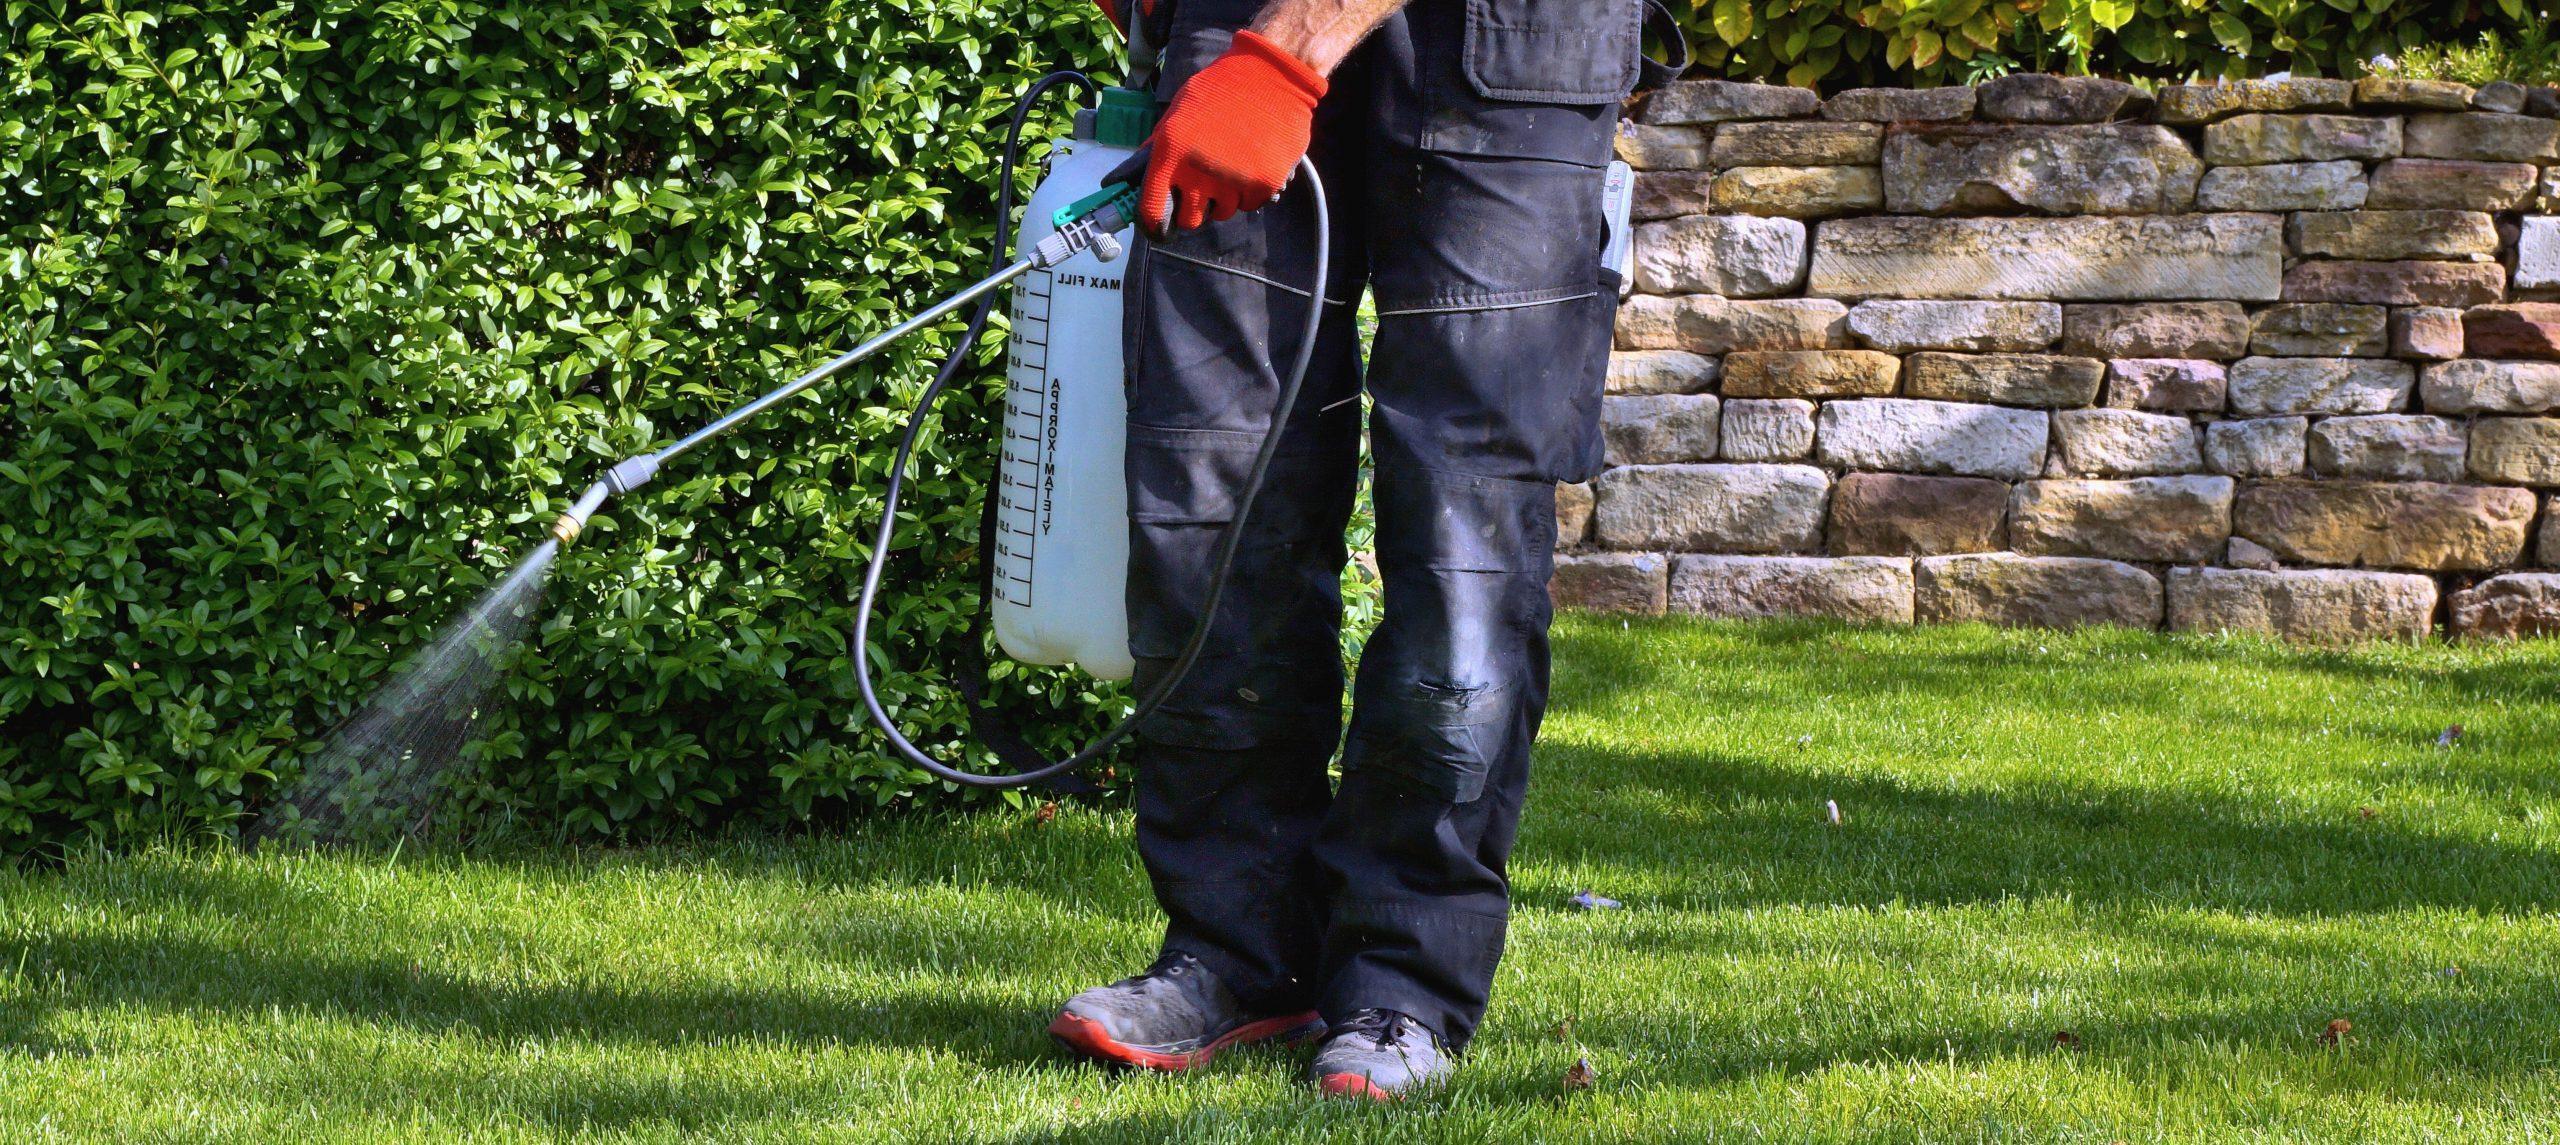 pump sprayer in the garden